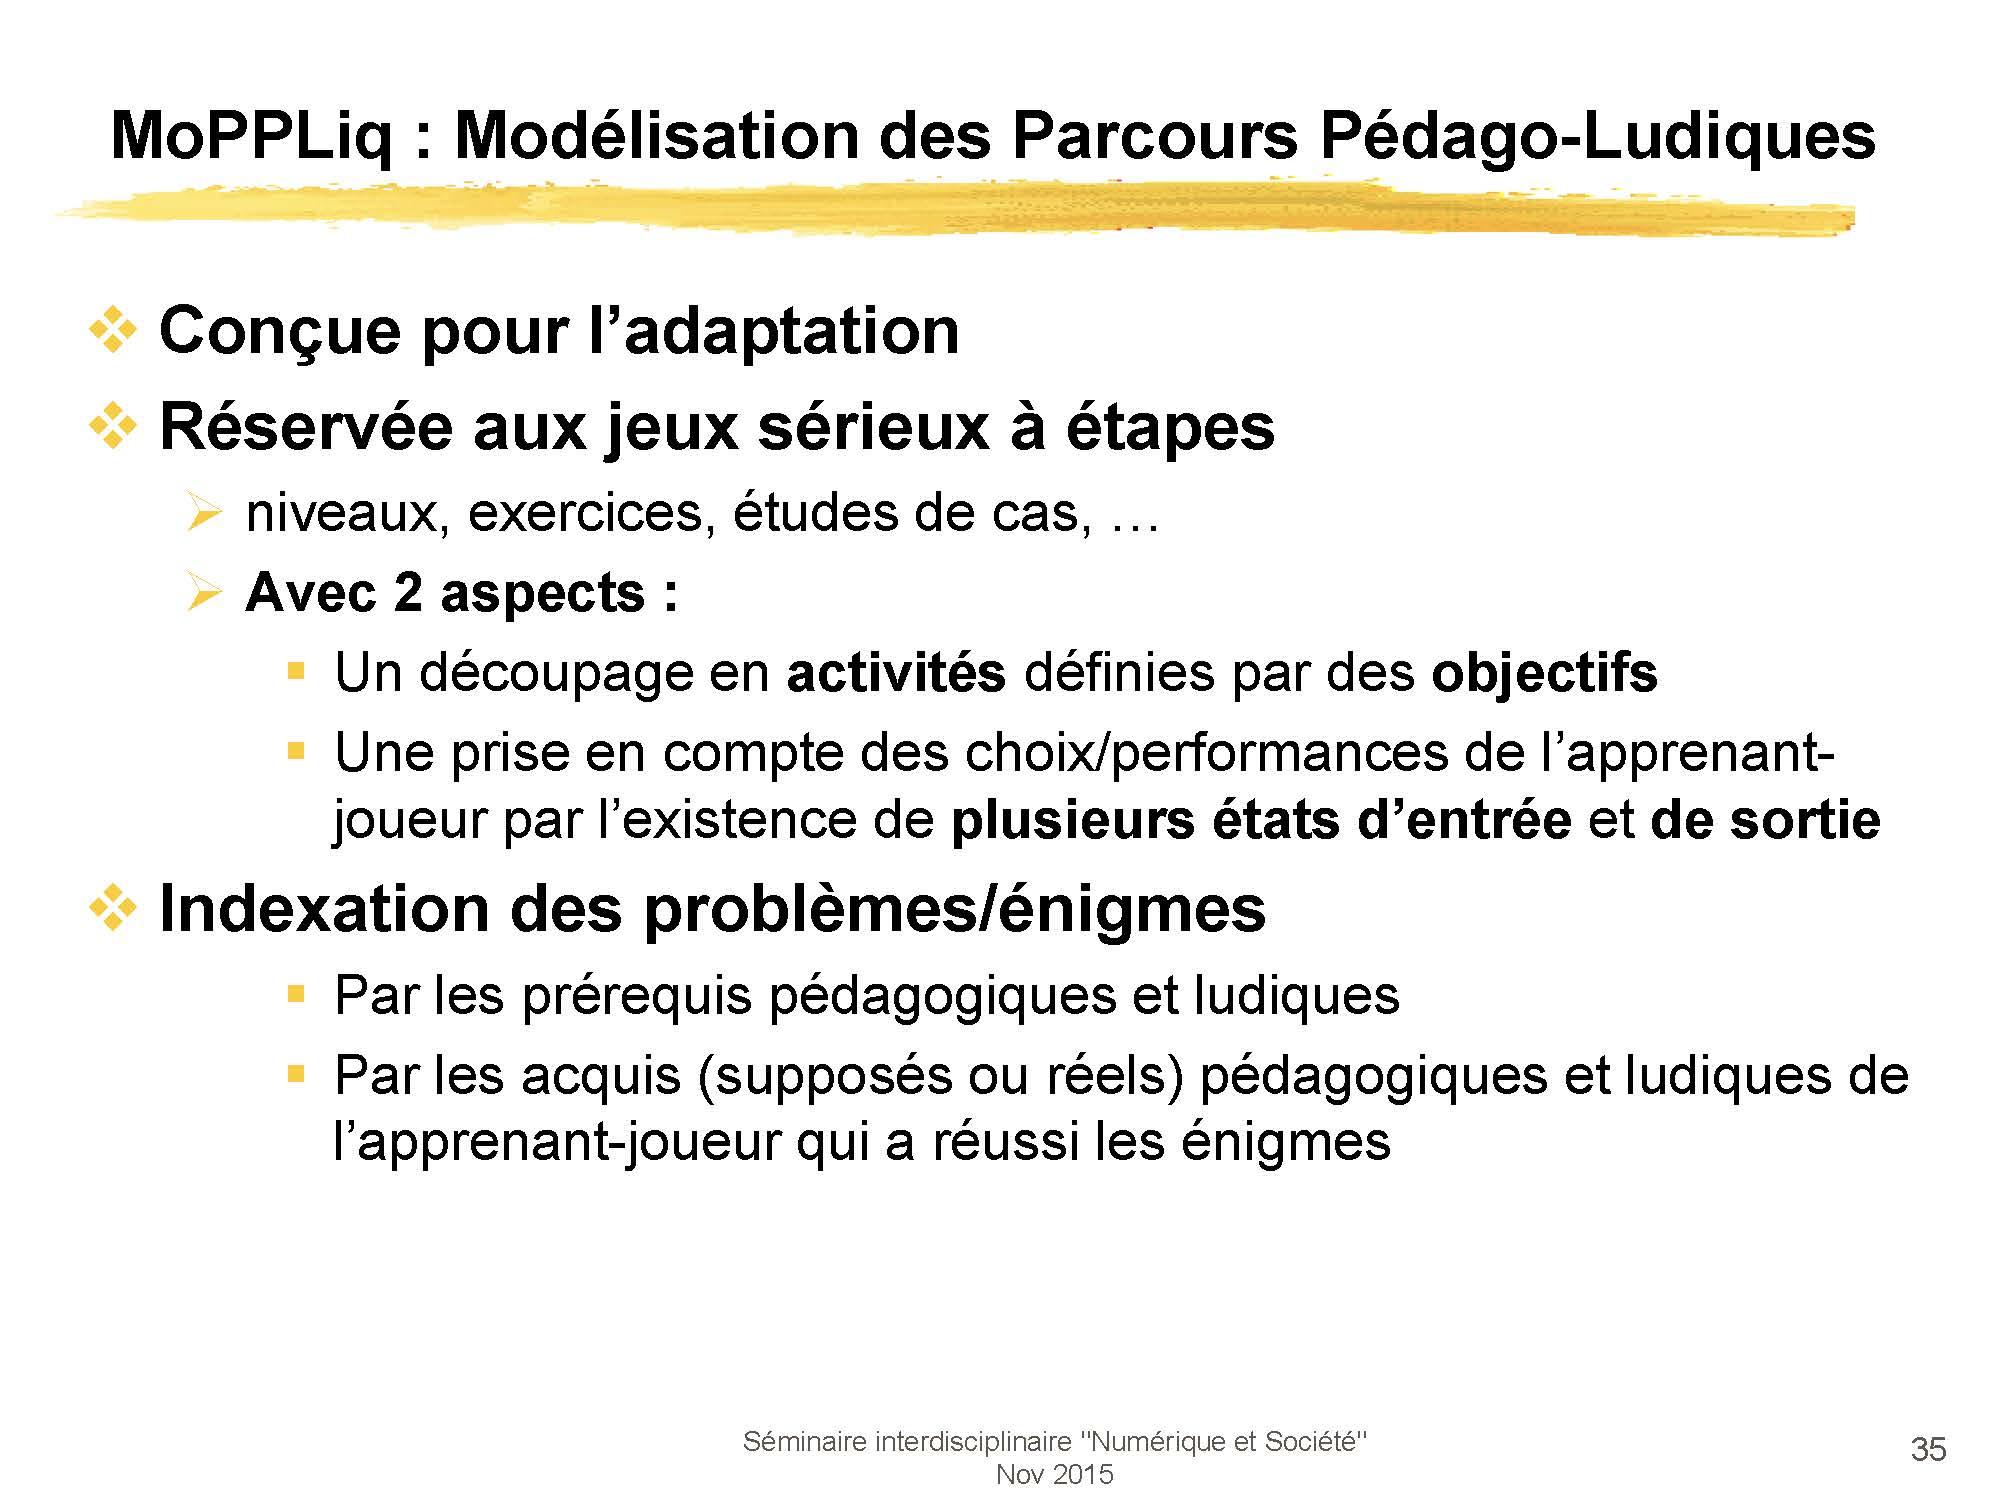 Expose_Labat_Page_35 tout Jeux De Découpage